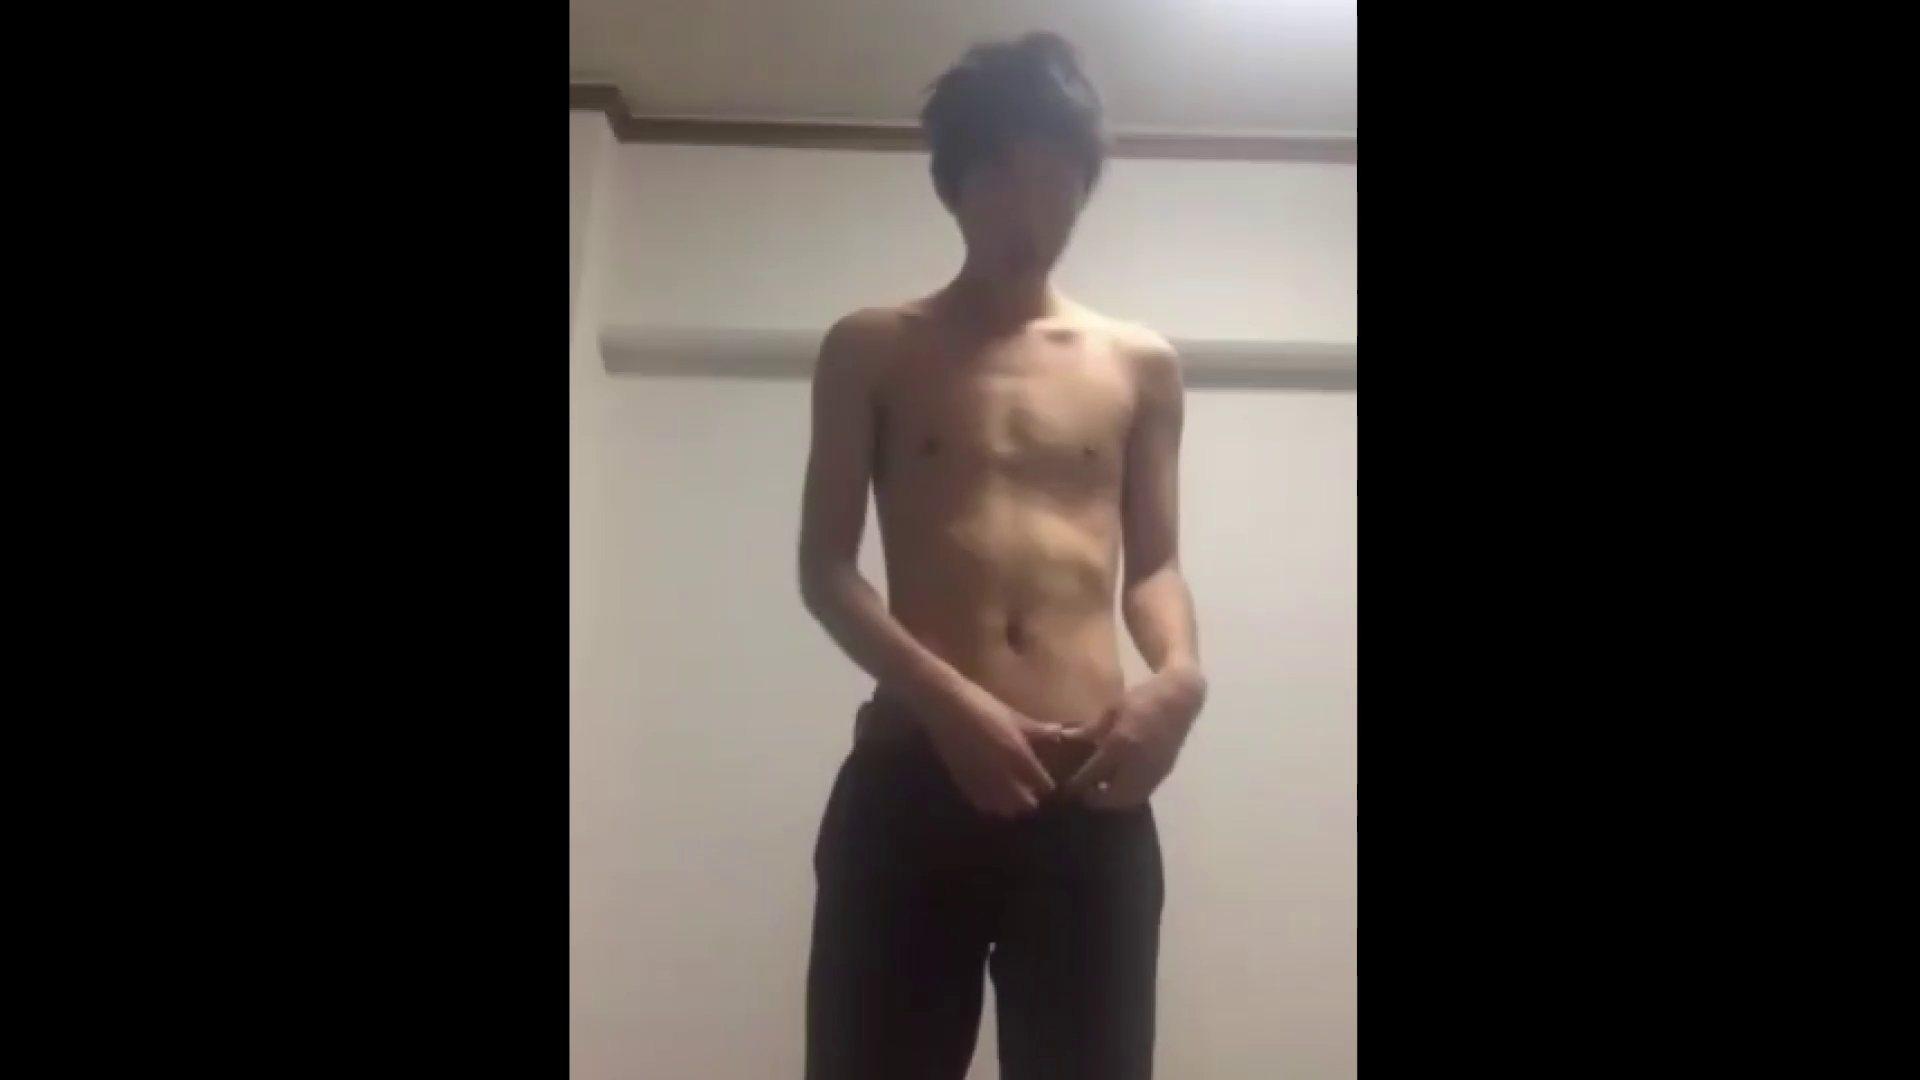 巨根 オナニー塾Vol.20 モザ無し エロビデオ紹介 96枚 5